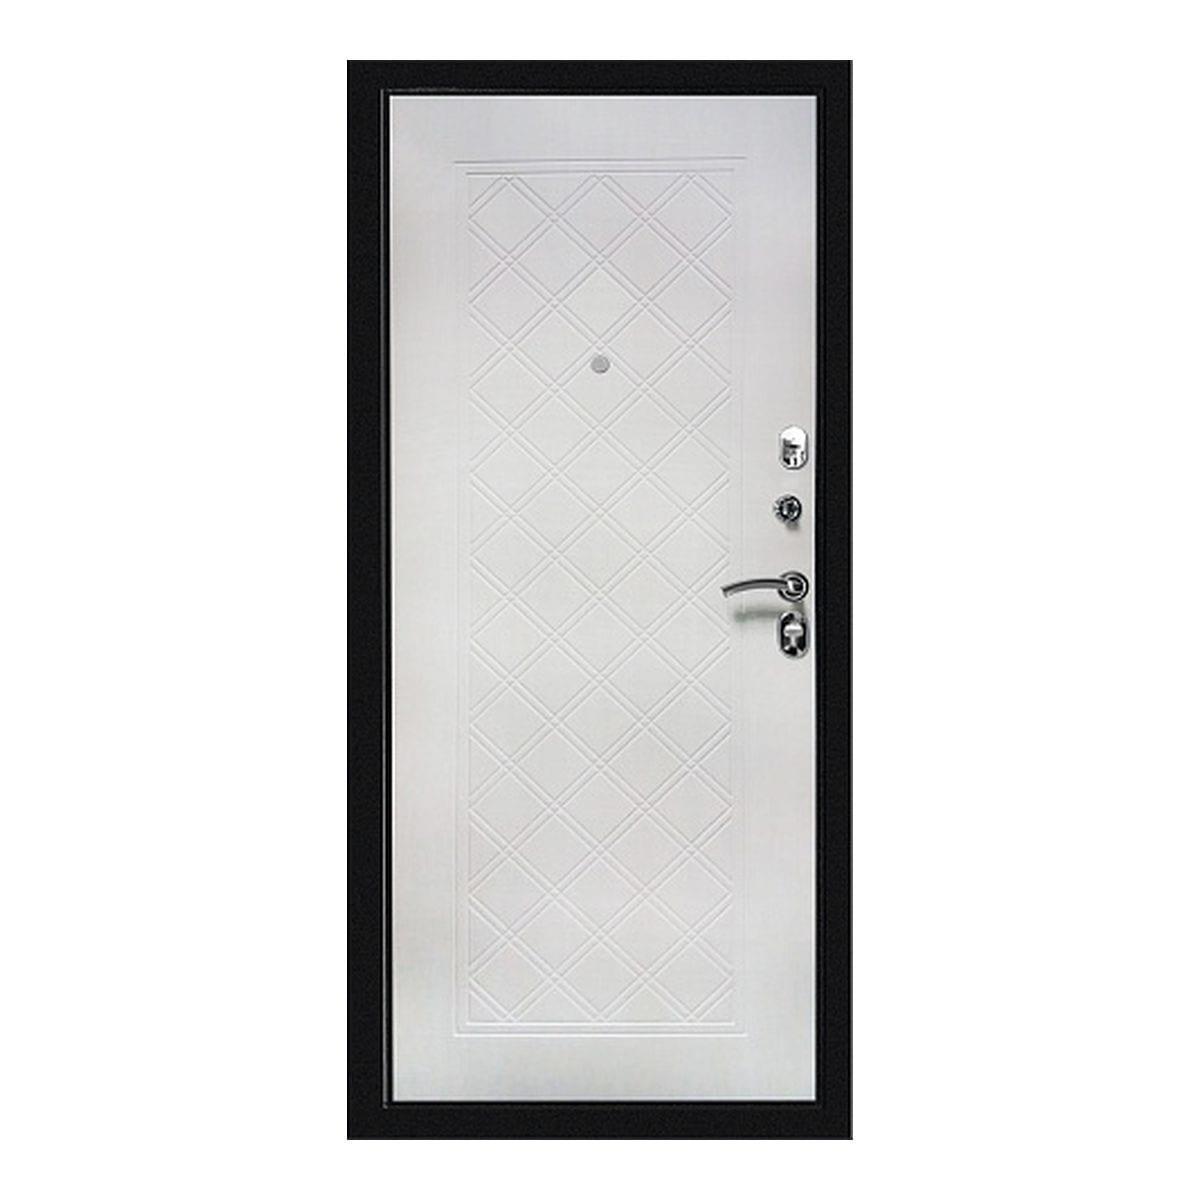 Металлическая дверь ФОРТЕ СИМПЛ 2066*880*104 левая